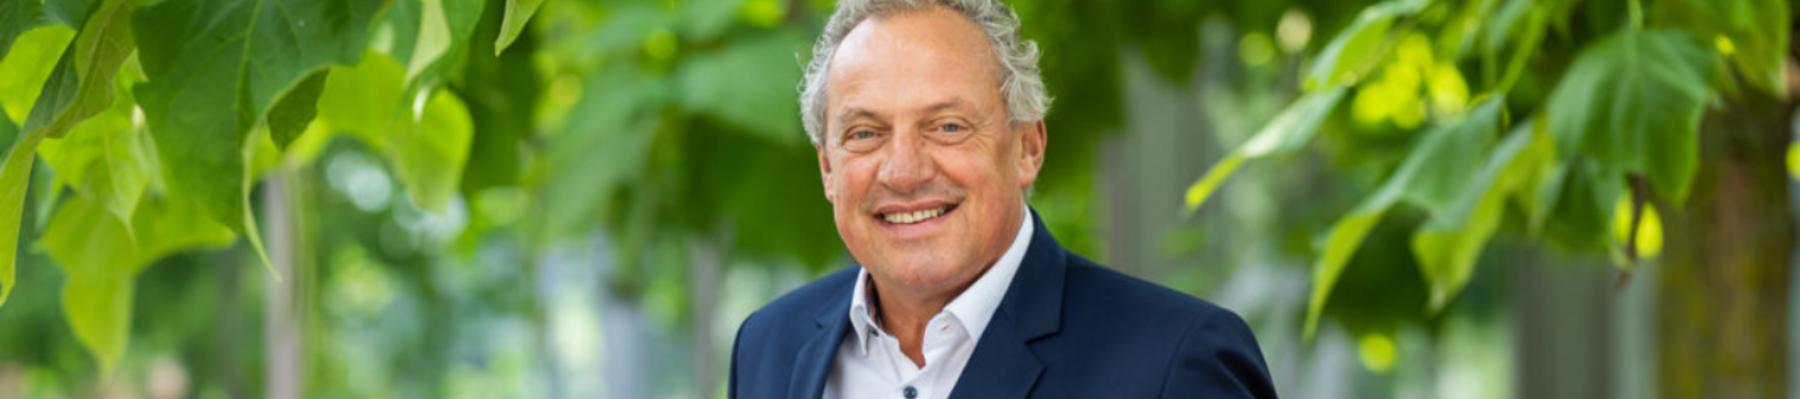 Hans Ensing nieuwe voorzitter Raad van Toezicht